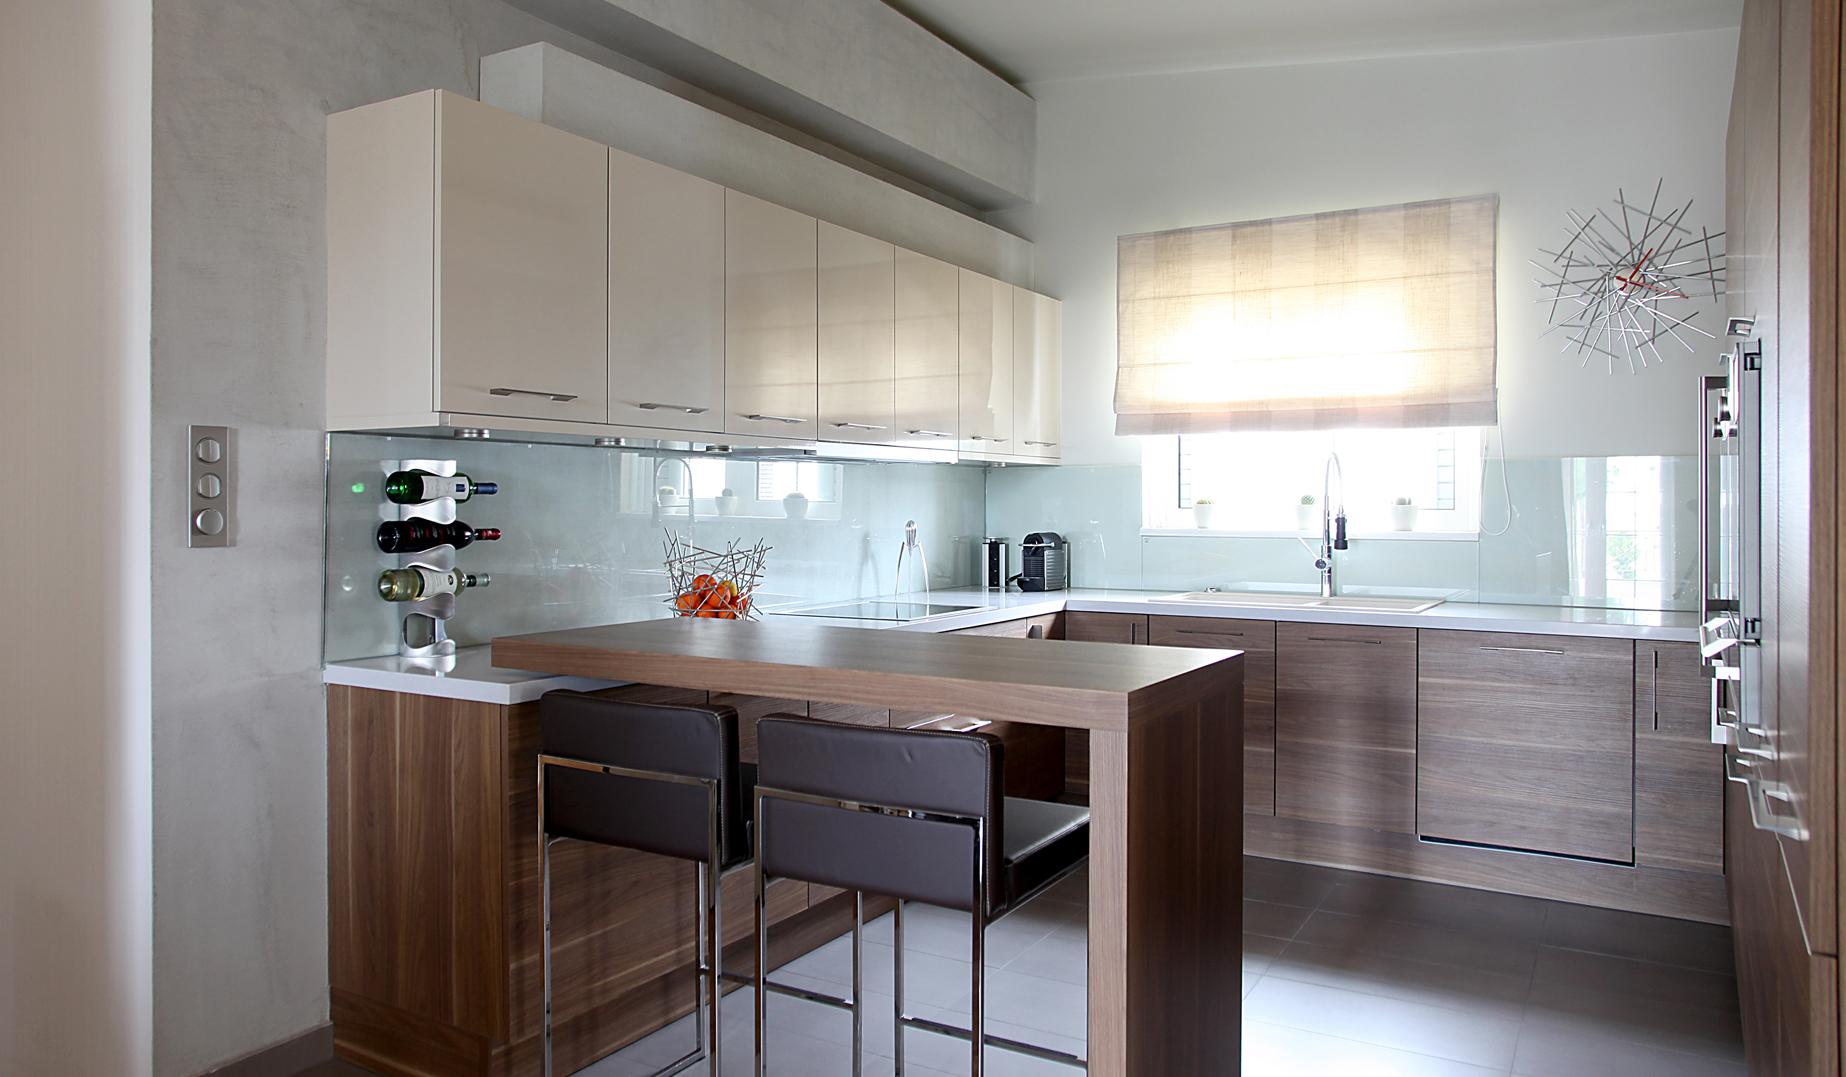 Ανακαίνιση κουζίνας από την OPUS. Μοντέρνες ιδέες και συμβουλές για το χώρο σας.